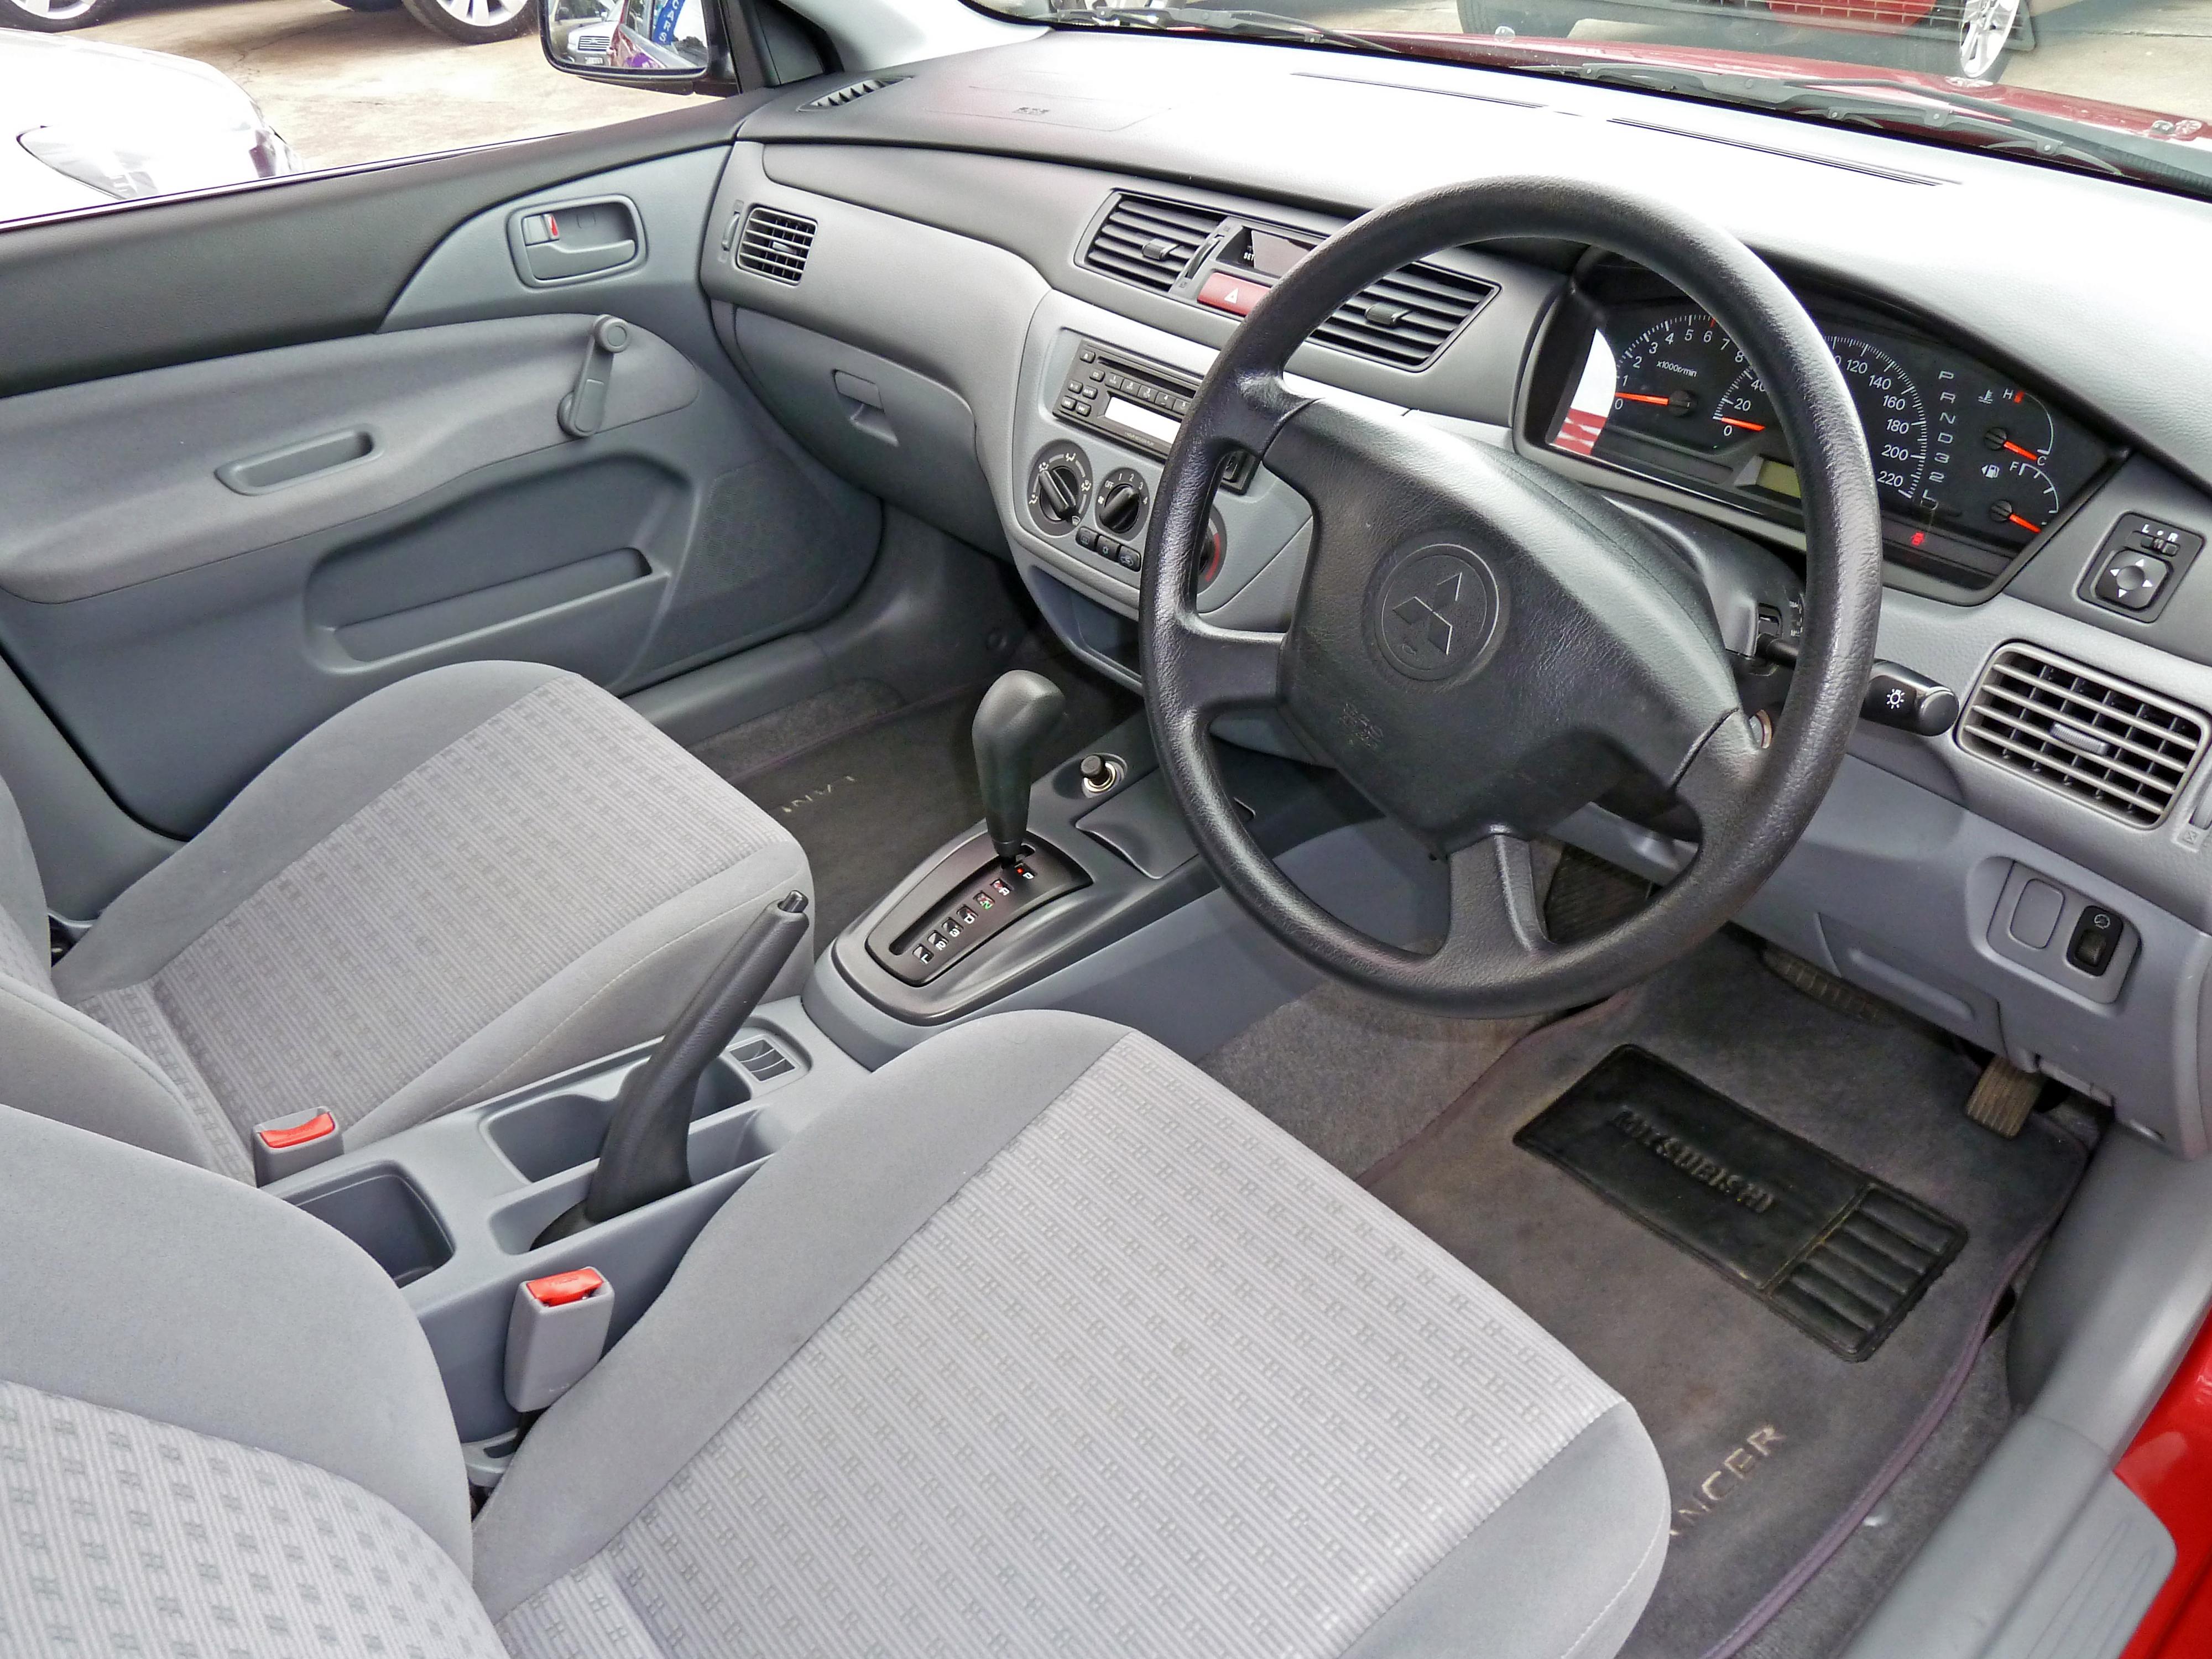 Mitsubishi Lancer Gl In Pakistan Lancer Mitsubishi Lancer Gl Price Specs Features